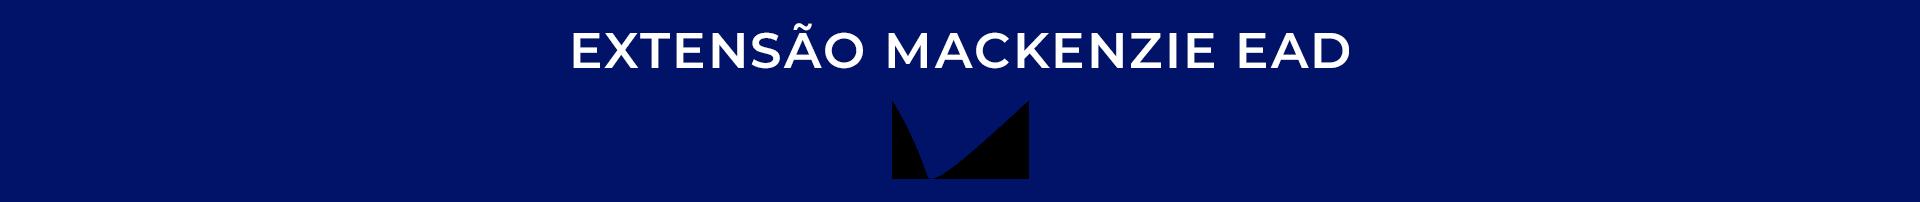 Extensão Mackenzie EAD